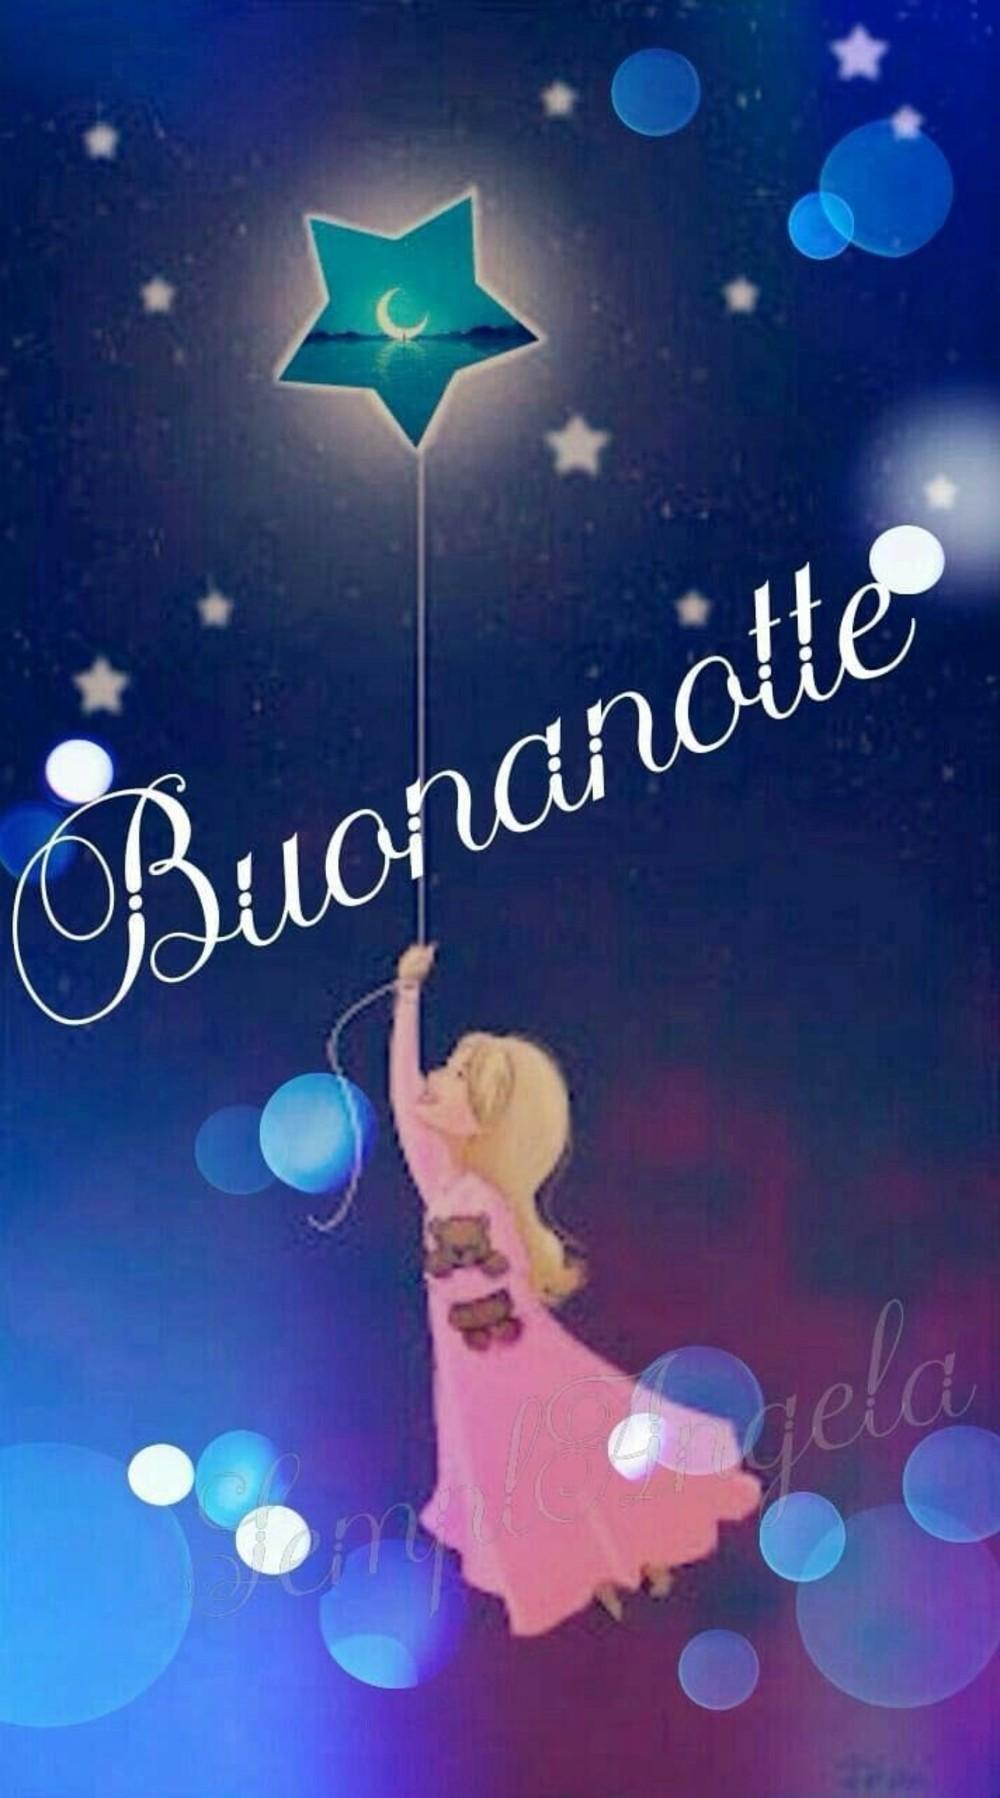 Immagini Buonanotte Belle Gratis 25 Archives Buongiornocolsorriso It